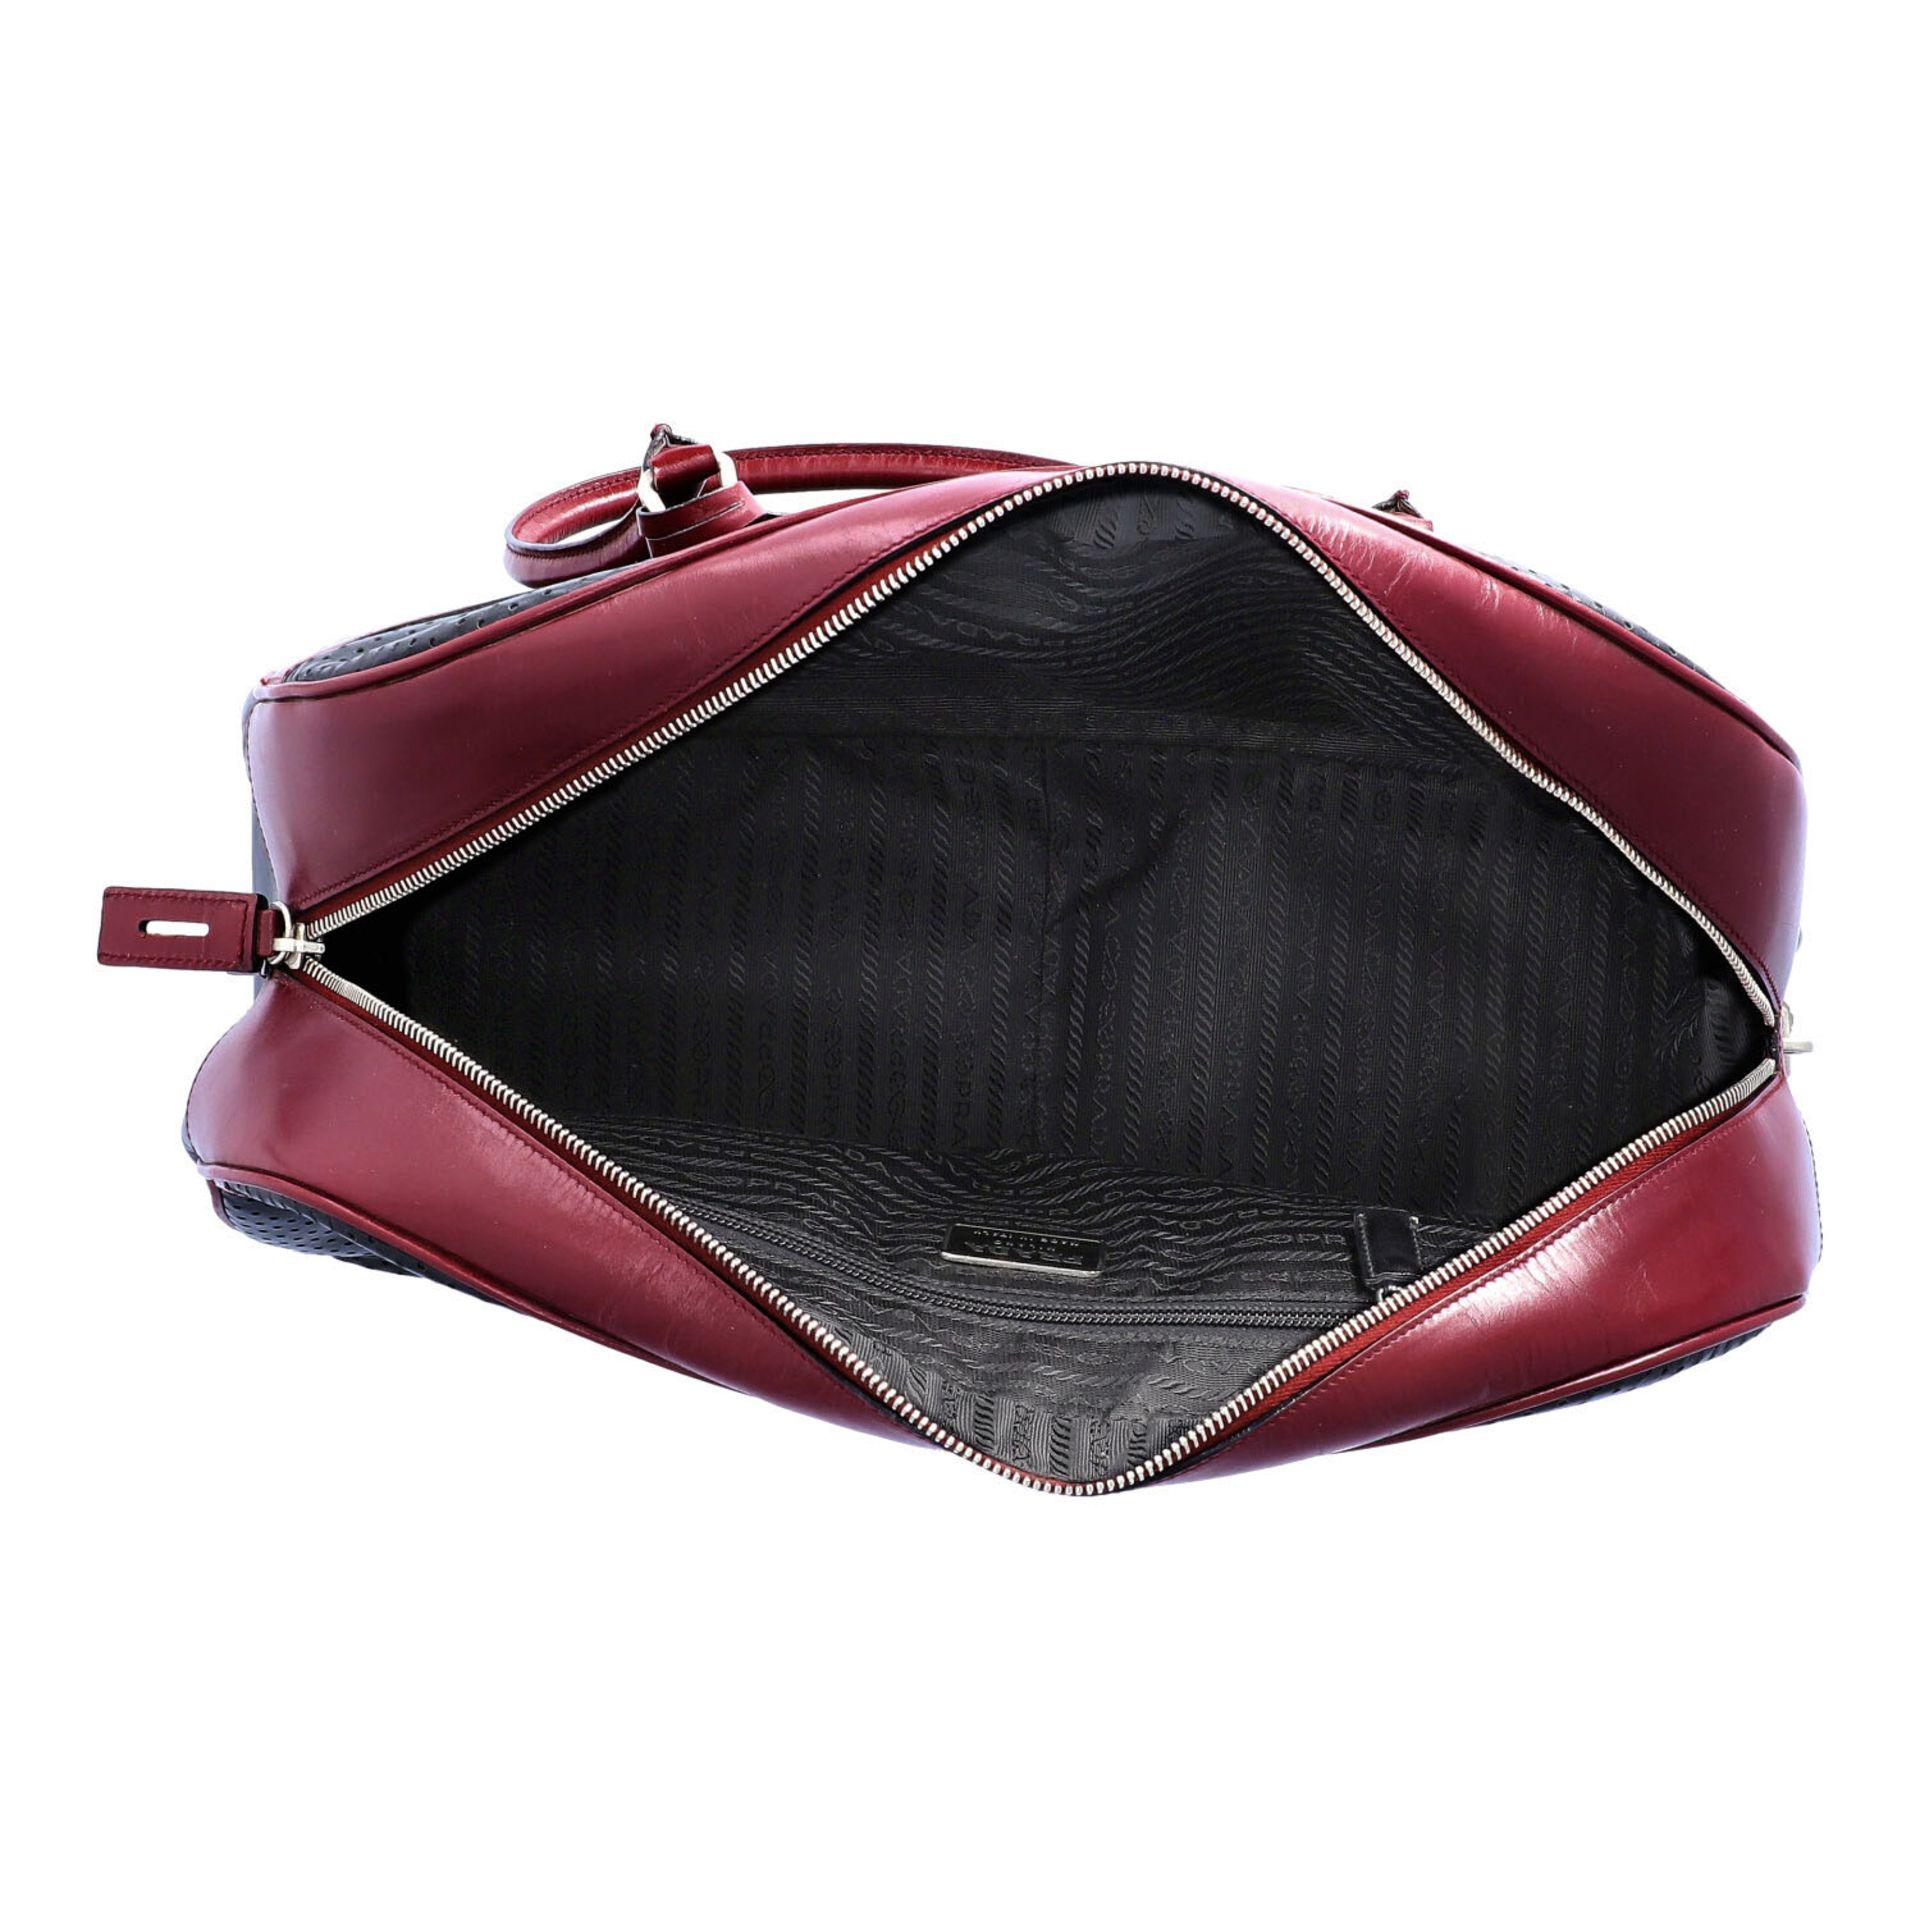 PRADA Handtasche. Glattleder in Schwarz und Bordeaux mit silberfarbener Hardware, umla - Image 6 of 8